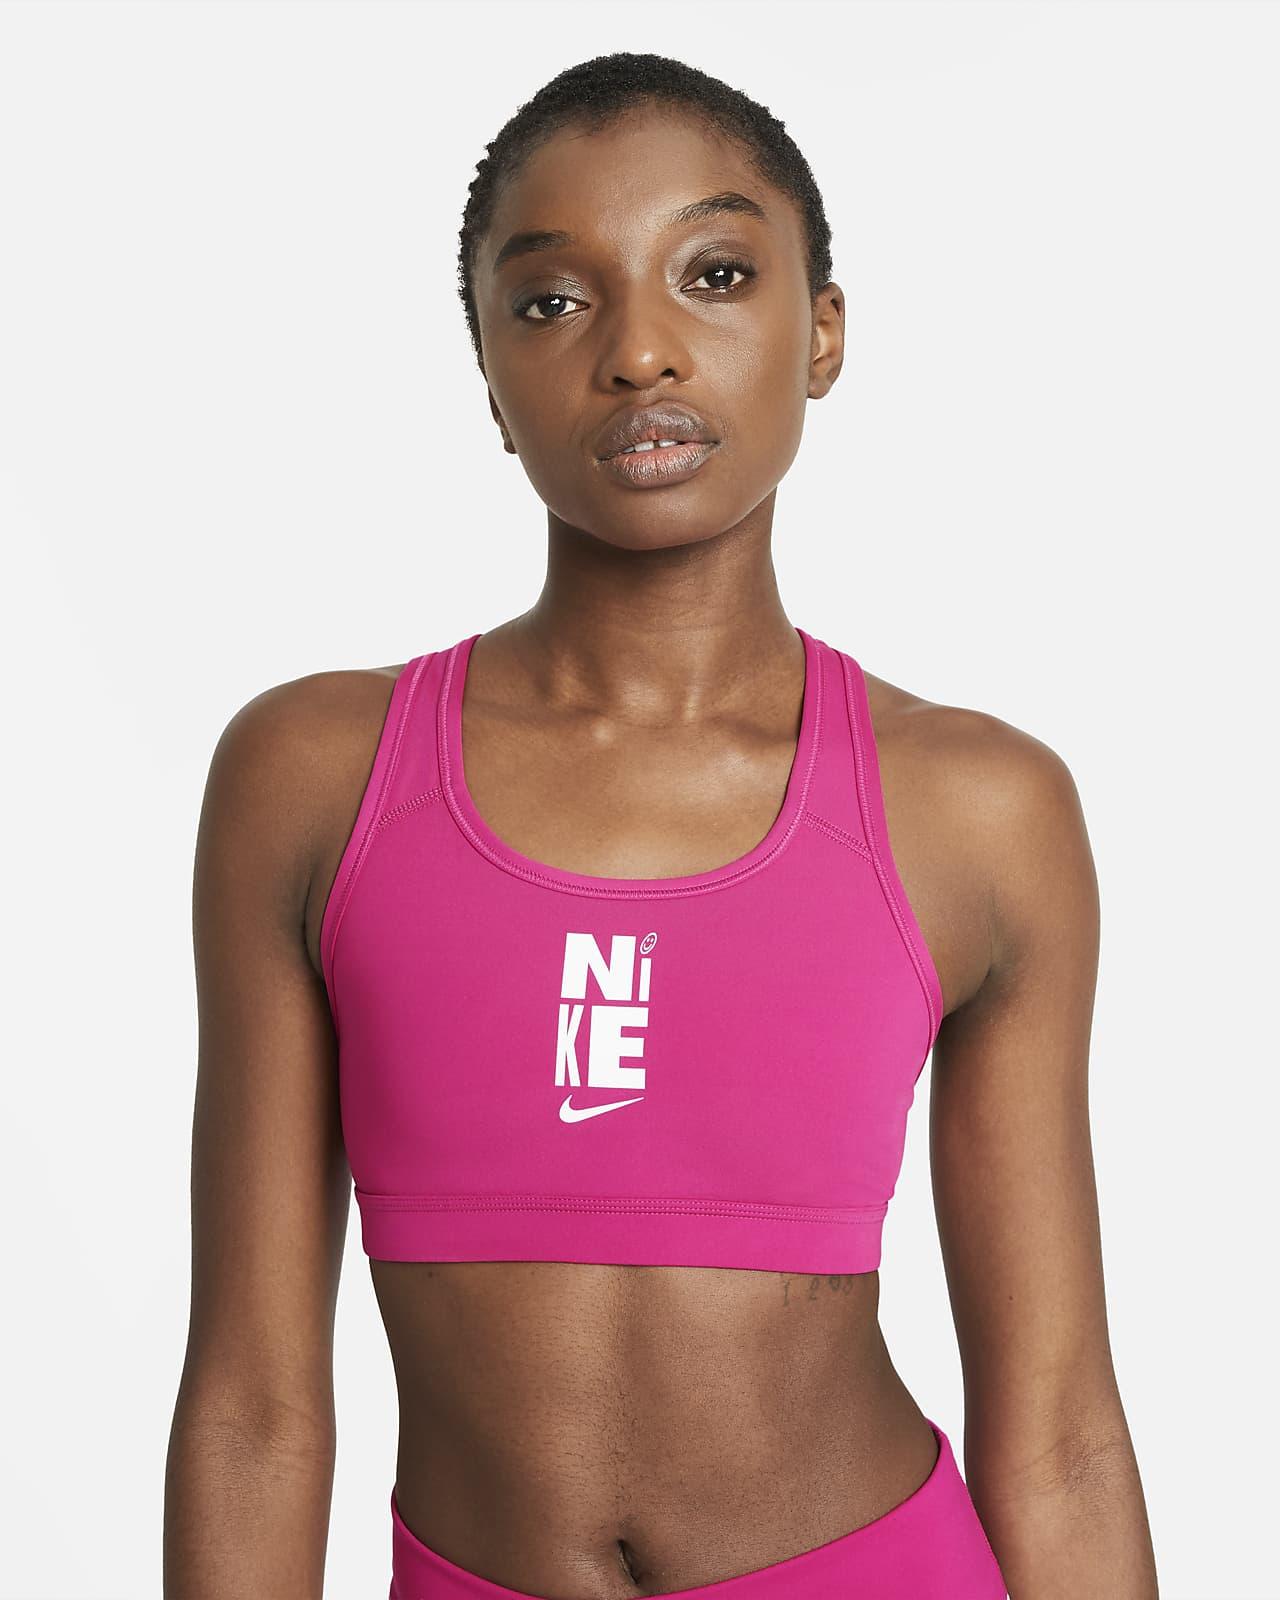 สปอร์ตบราผู้หญิงซัพพอร์ตระดับกลางแบบไม่เสริมฟองน้ำ Nike Swoosh Icon Clash